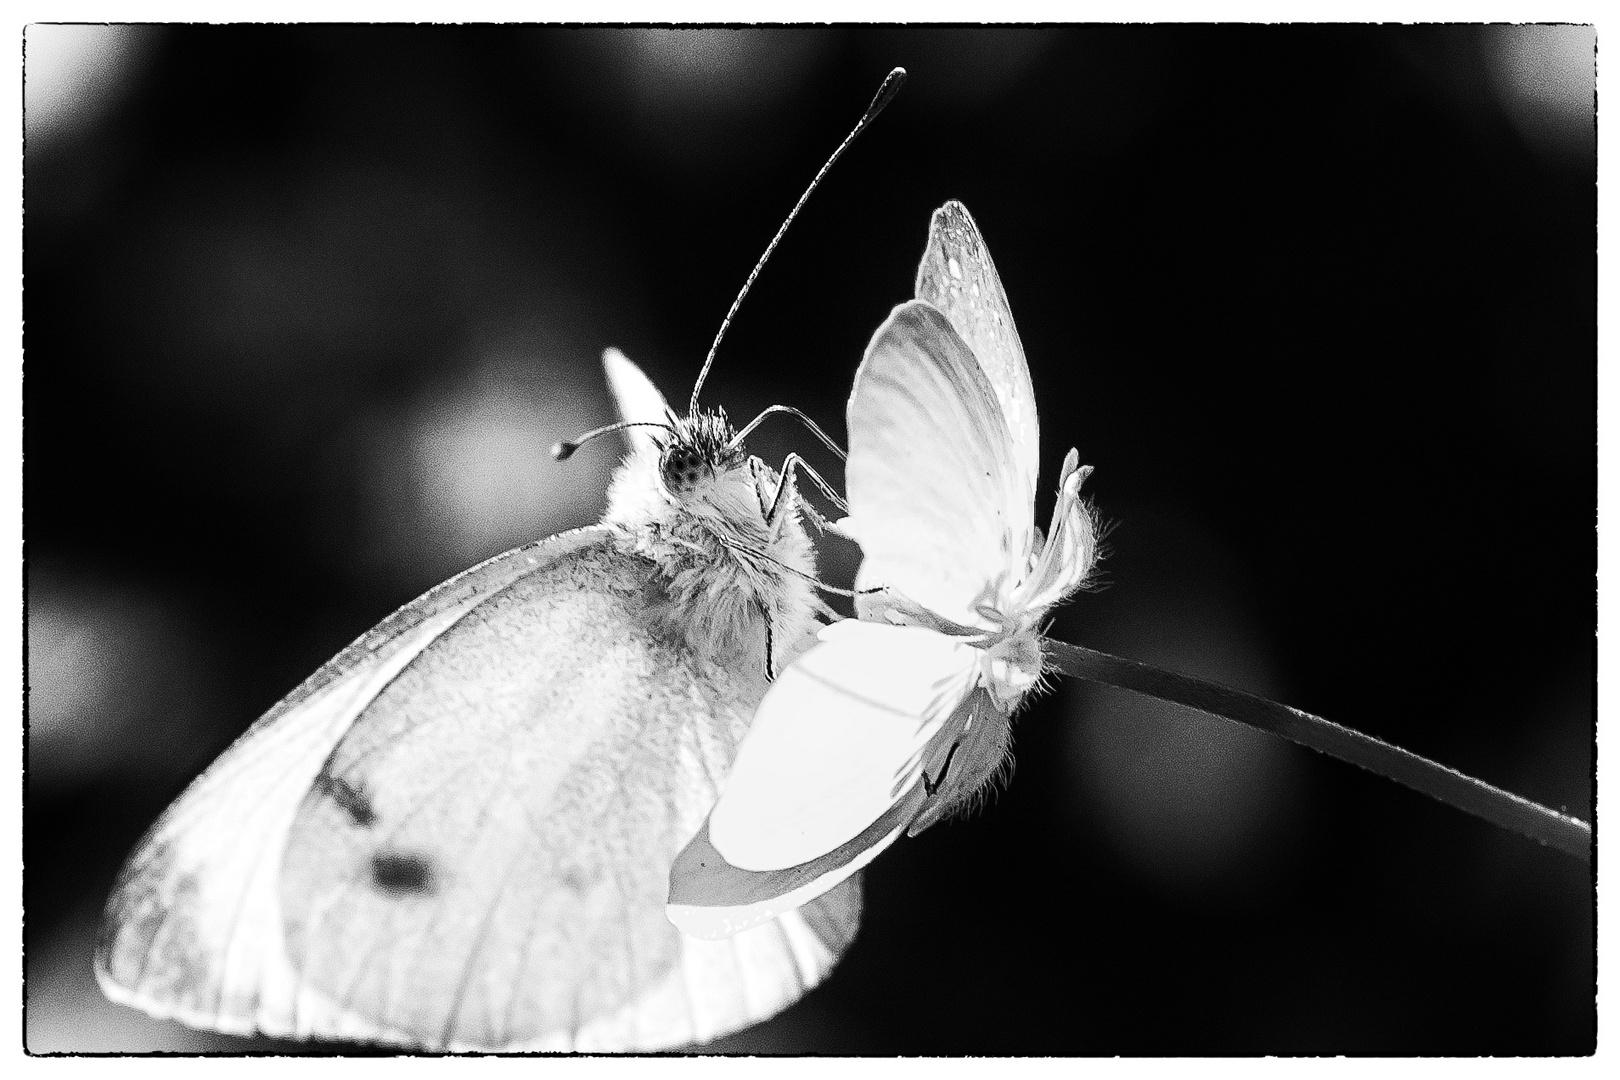 Schmetterling in Aktion...